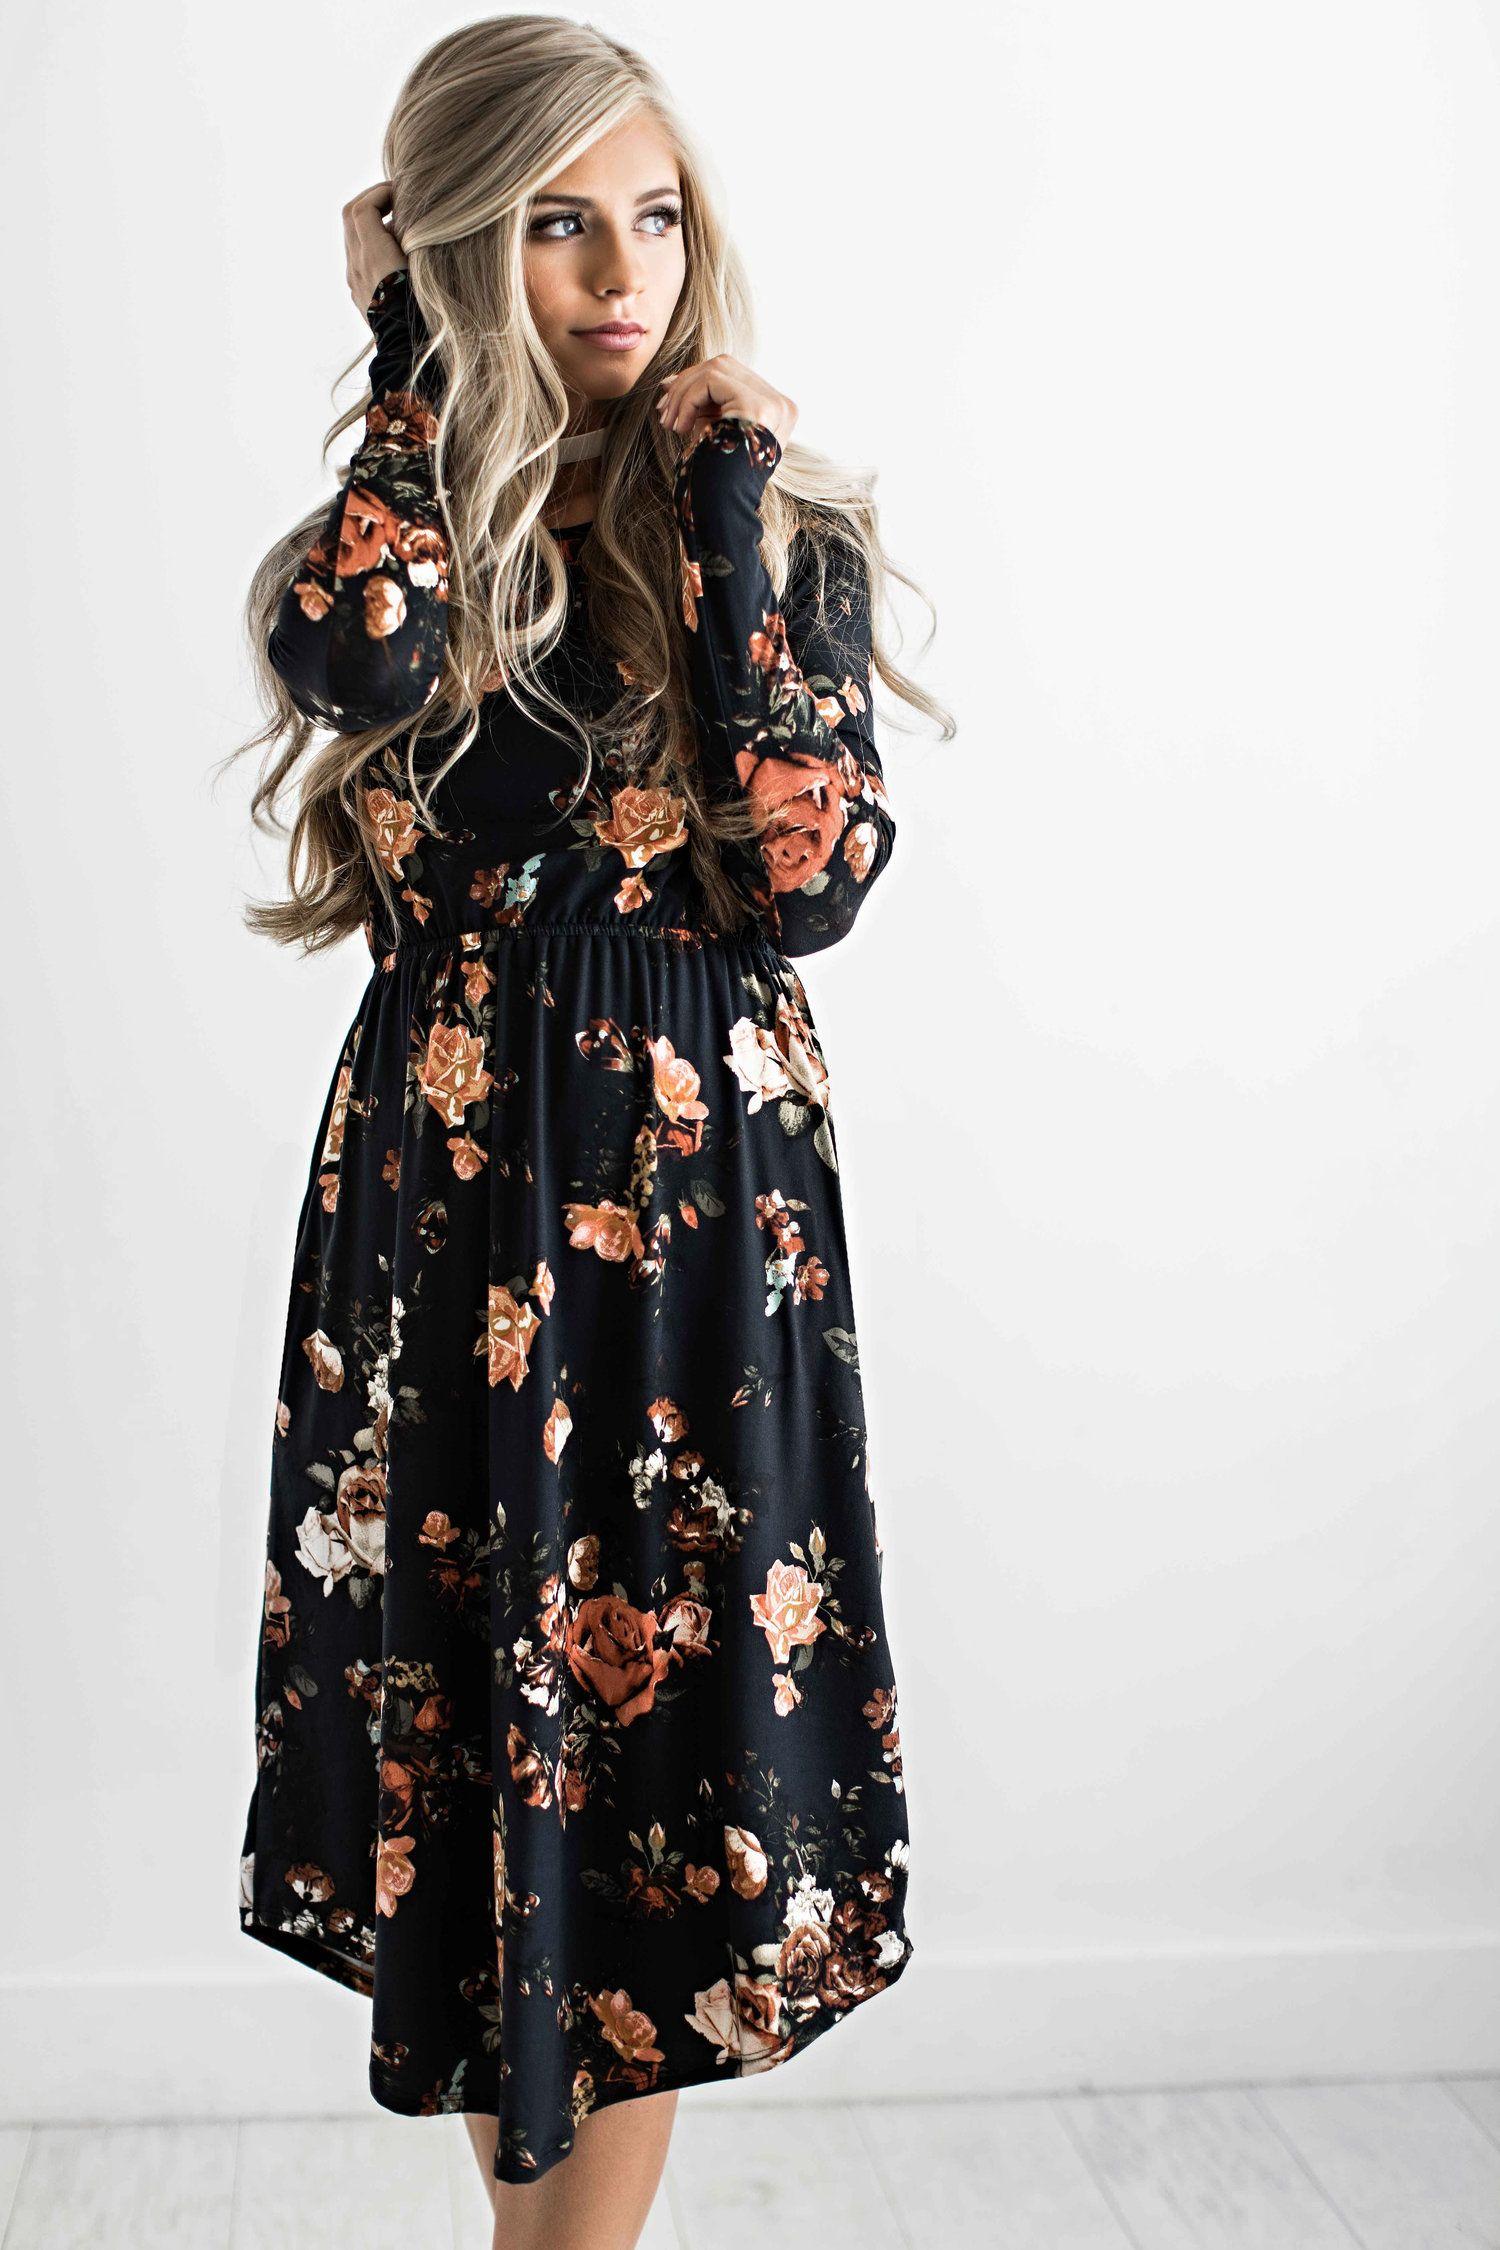 Fl Dress Fall Style Outfit Fashion Womens Jessakae